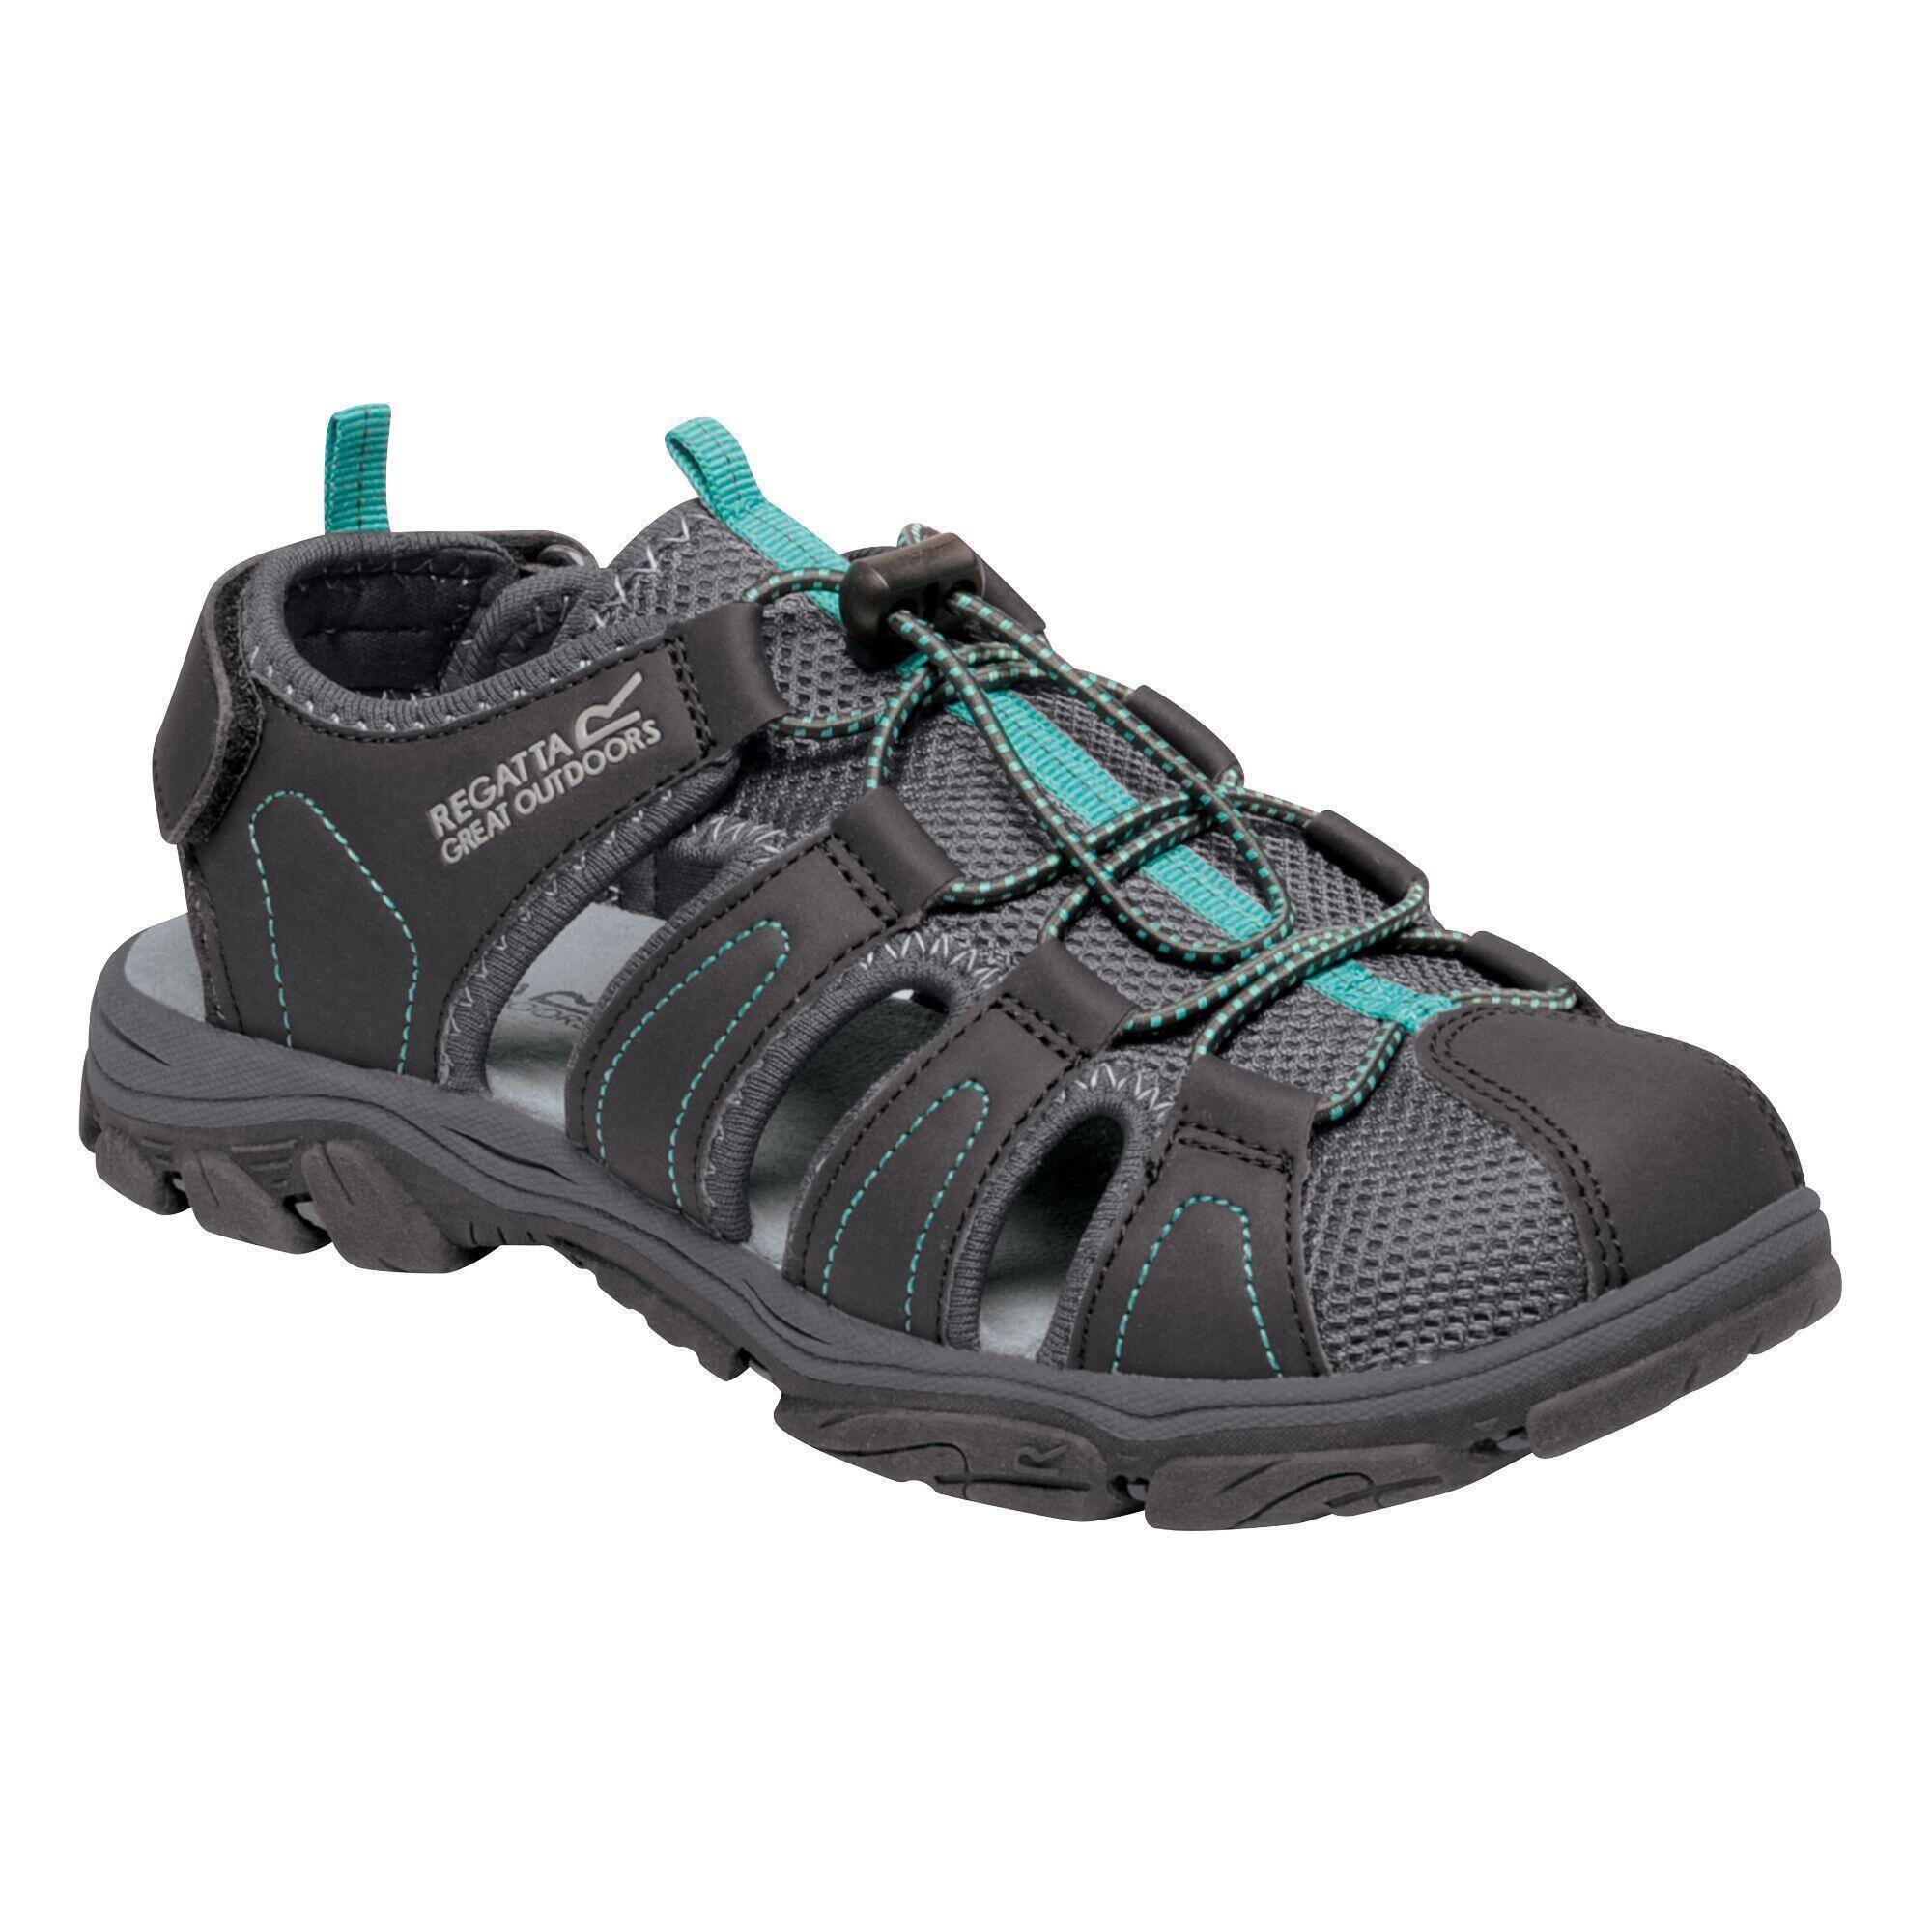 Regatta Femme Santa Cruz Chaussures De Marche Sandales Gris Bleu Sports Outdoors